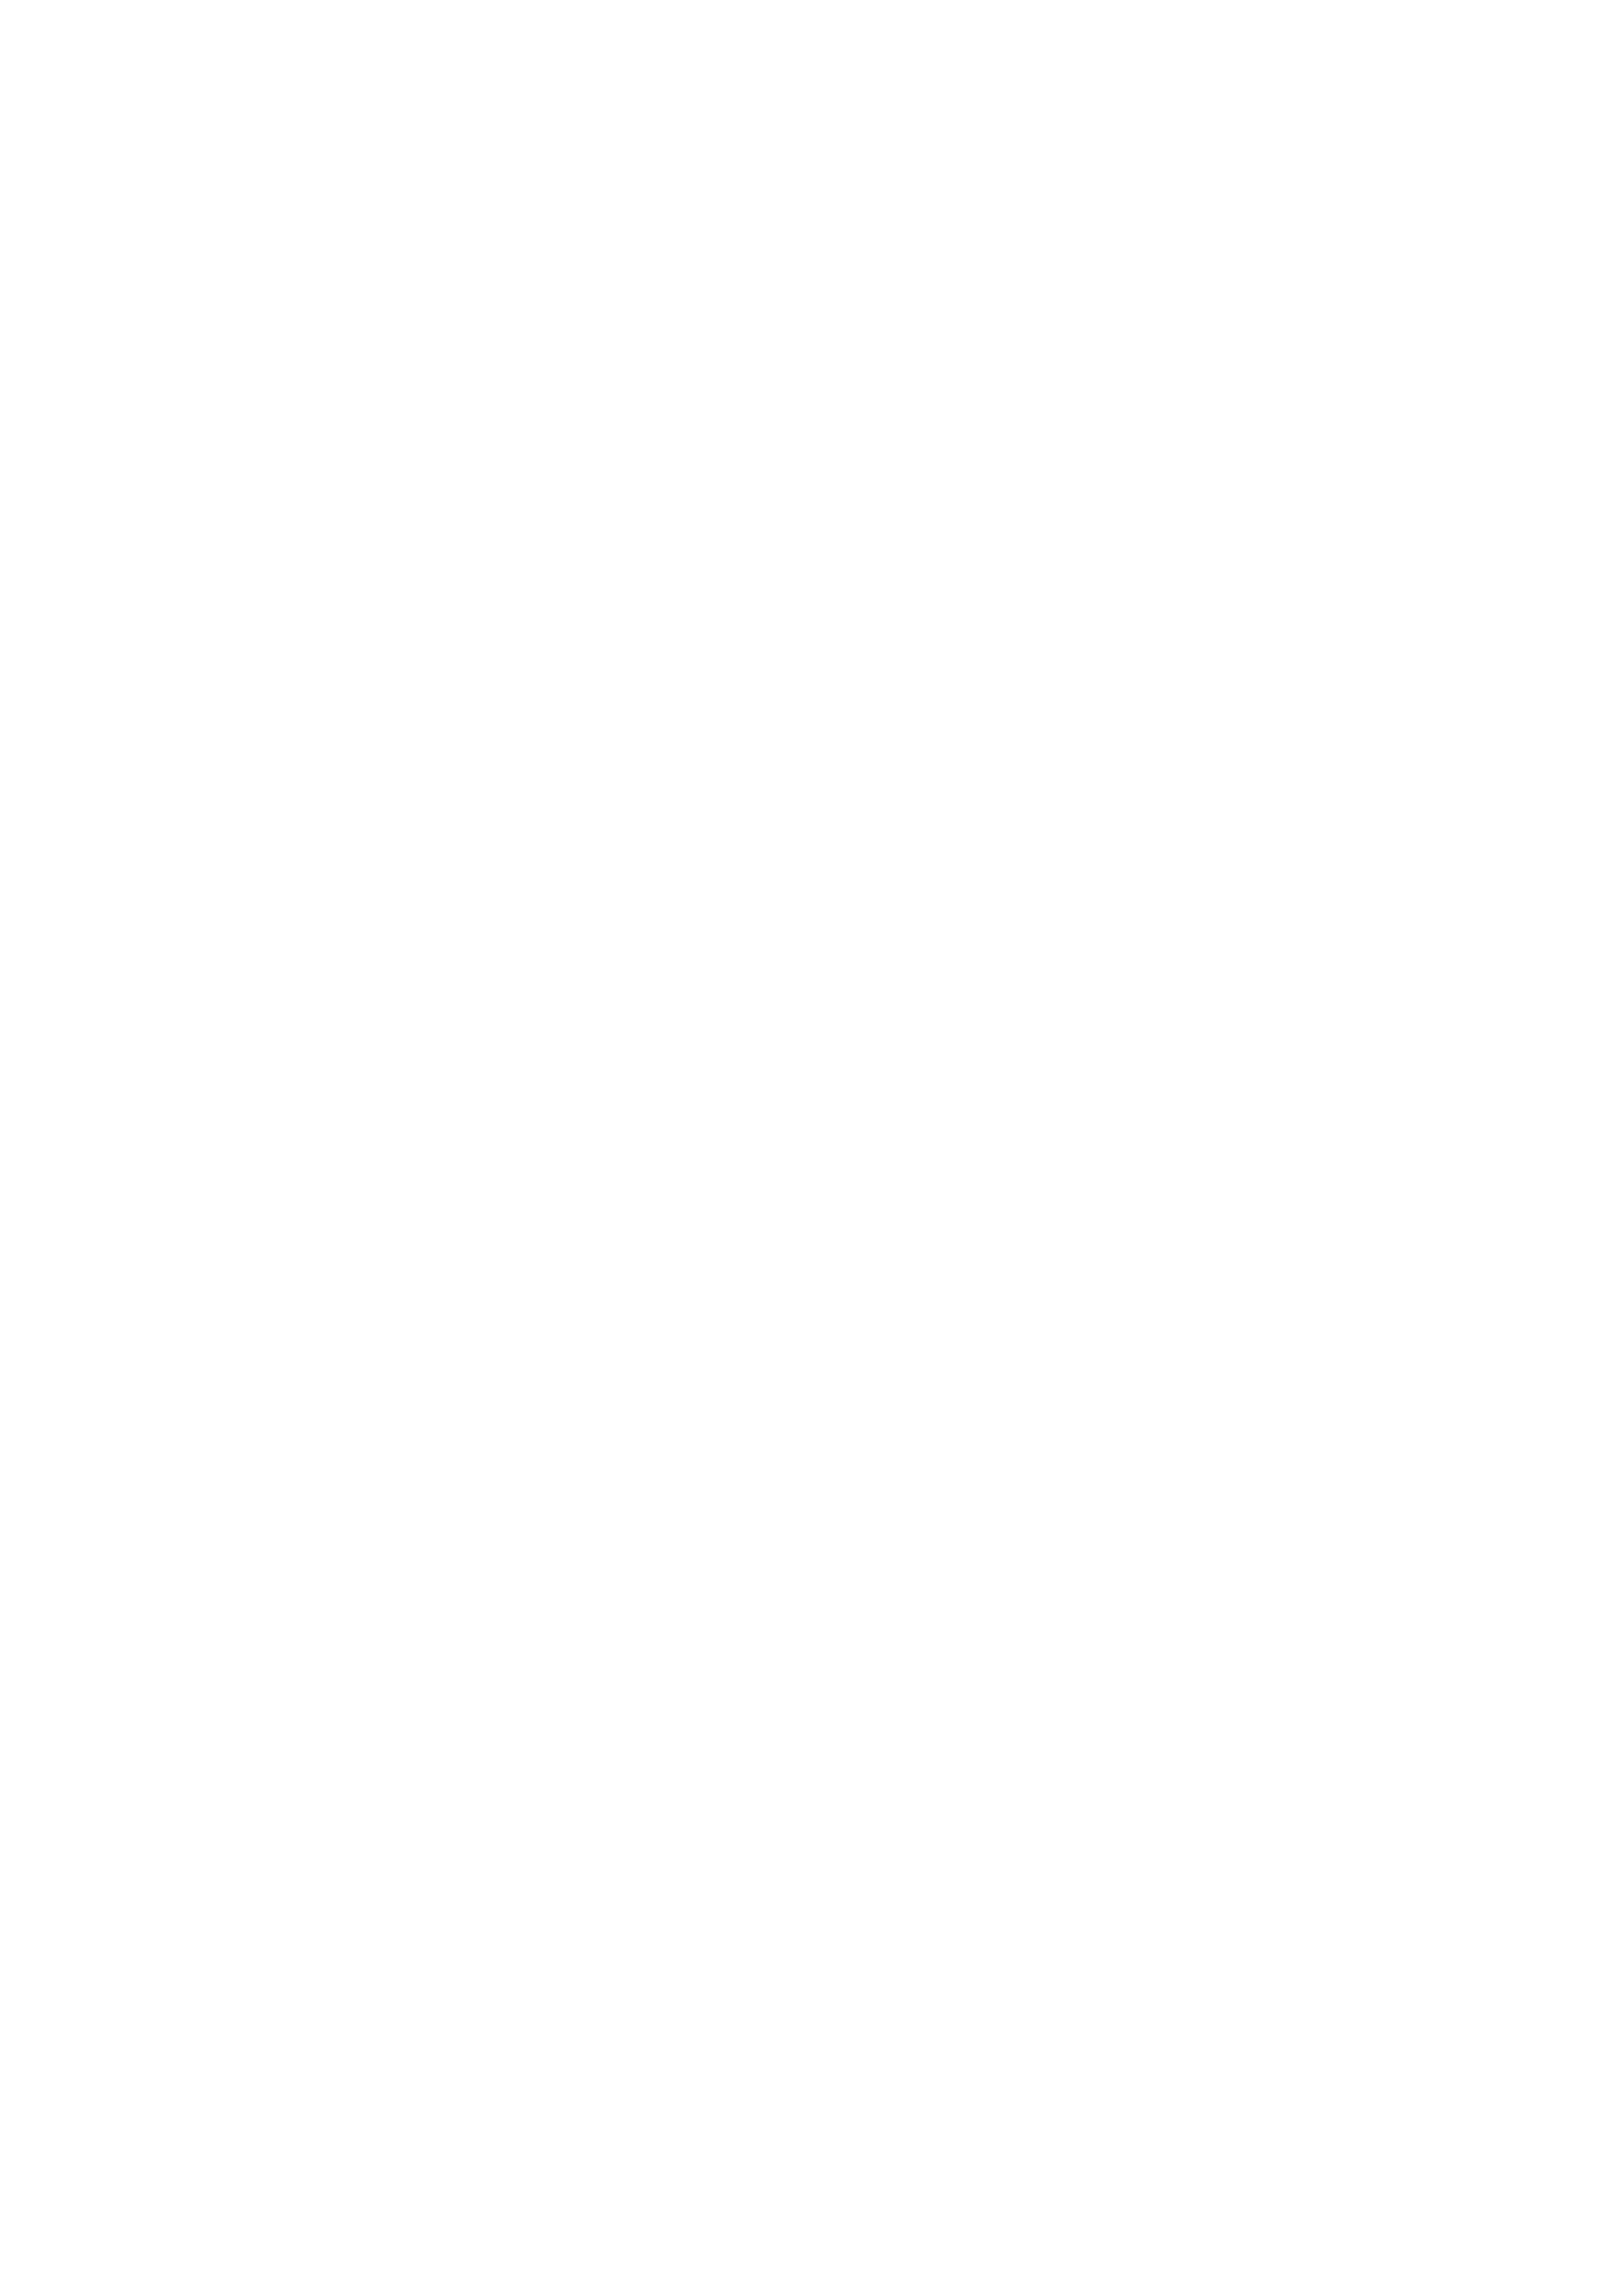 亚太地区网络替代金融基准报告_000002